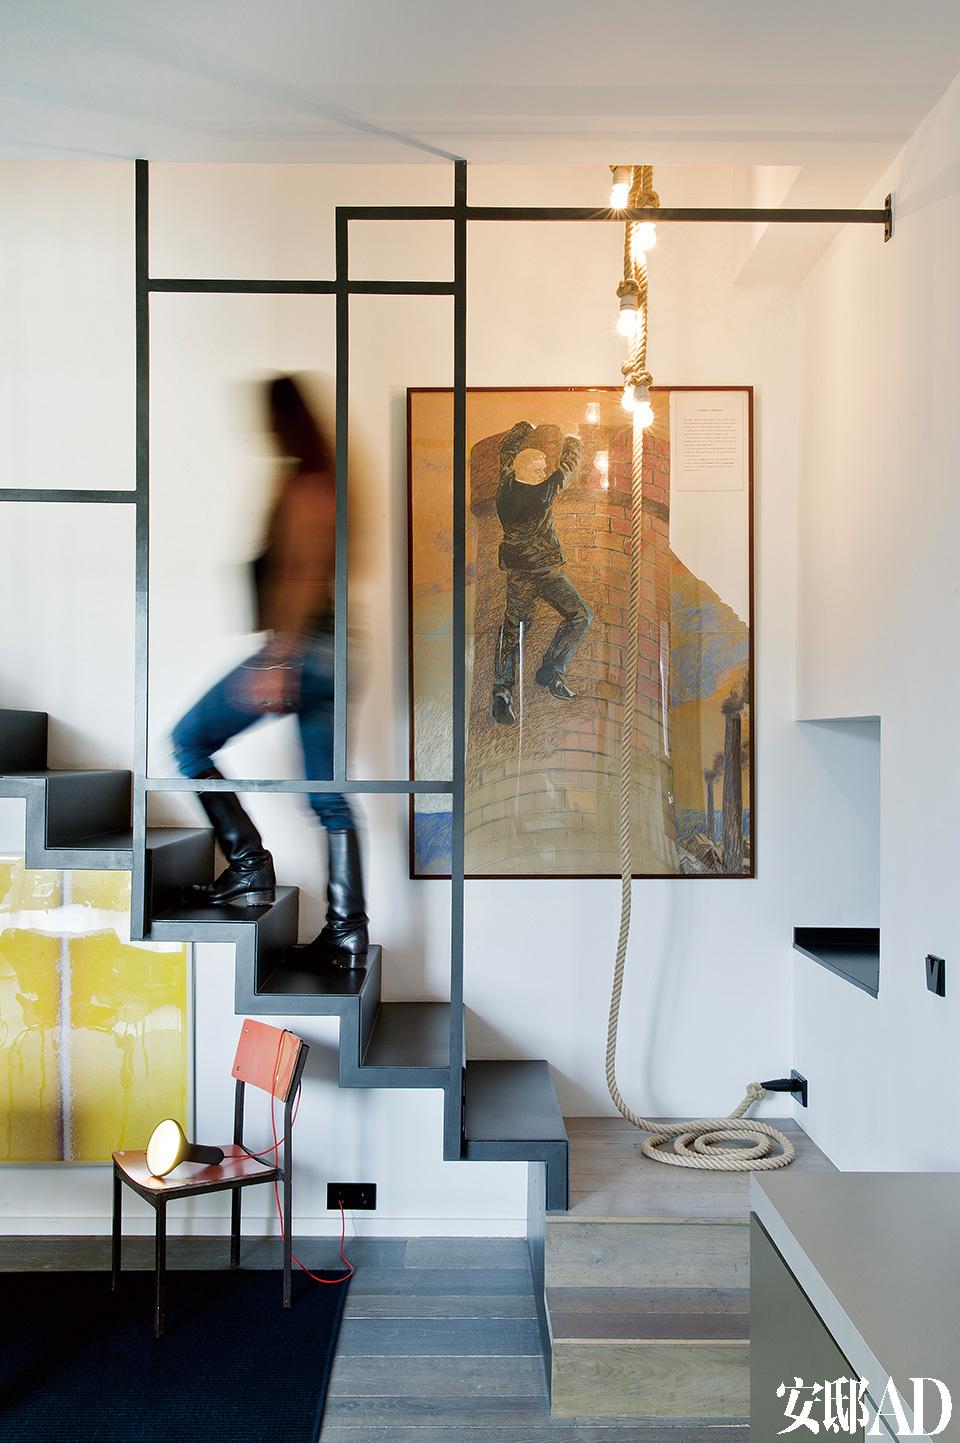 餐厅的一侧是通往二层的楼梯,这座金属楼梯由设计师KarenT. Lewis根据蒙德里安的经典画作设计而成,Madleniak公司提供技术支持。楼梯脚下是Bill Beckley的红色座椅,吊灯来自083 Thomas Eyck。